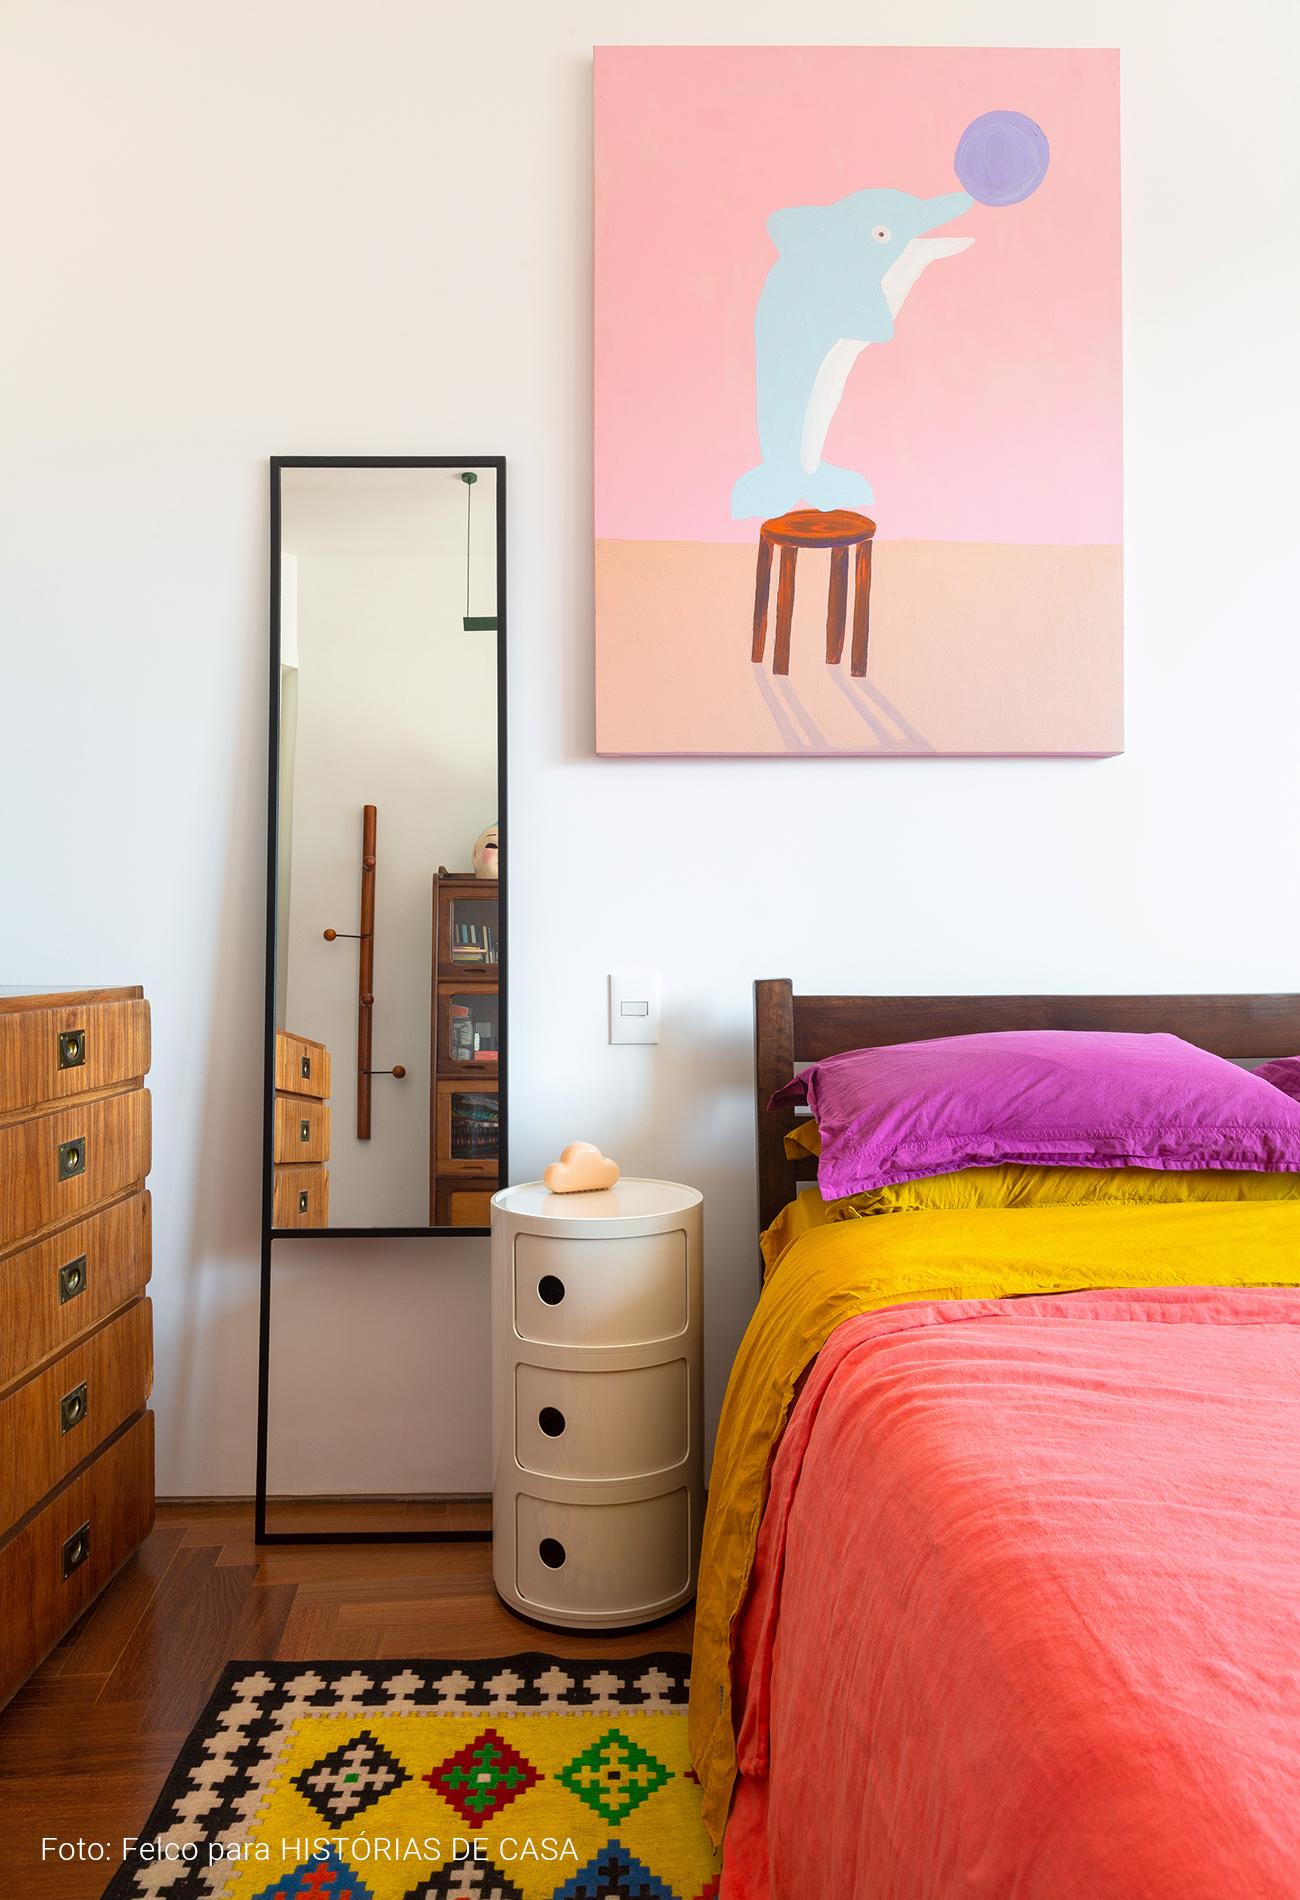 Quarto com roupa de cama colorida e quadro